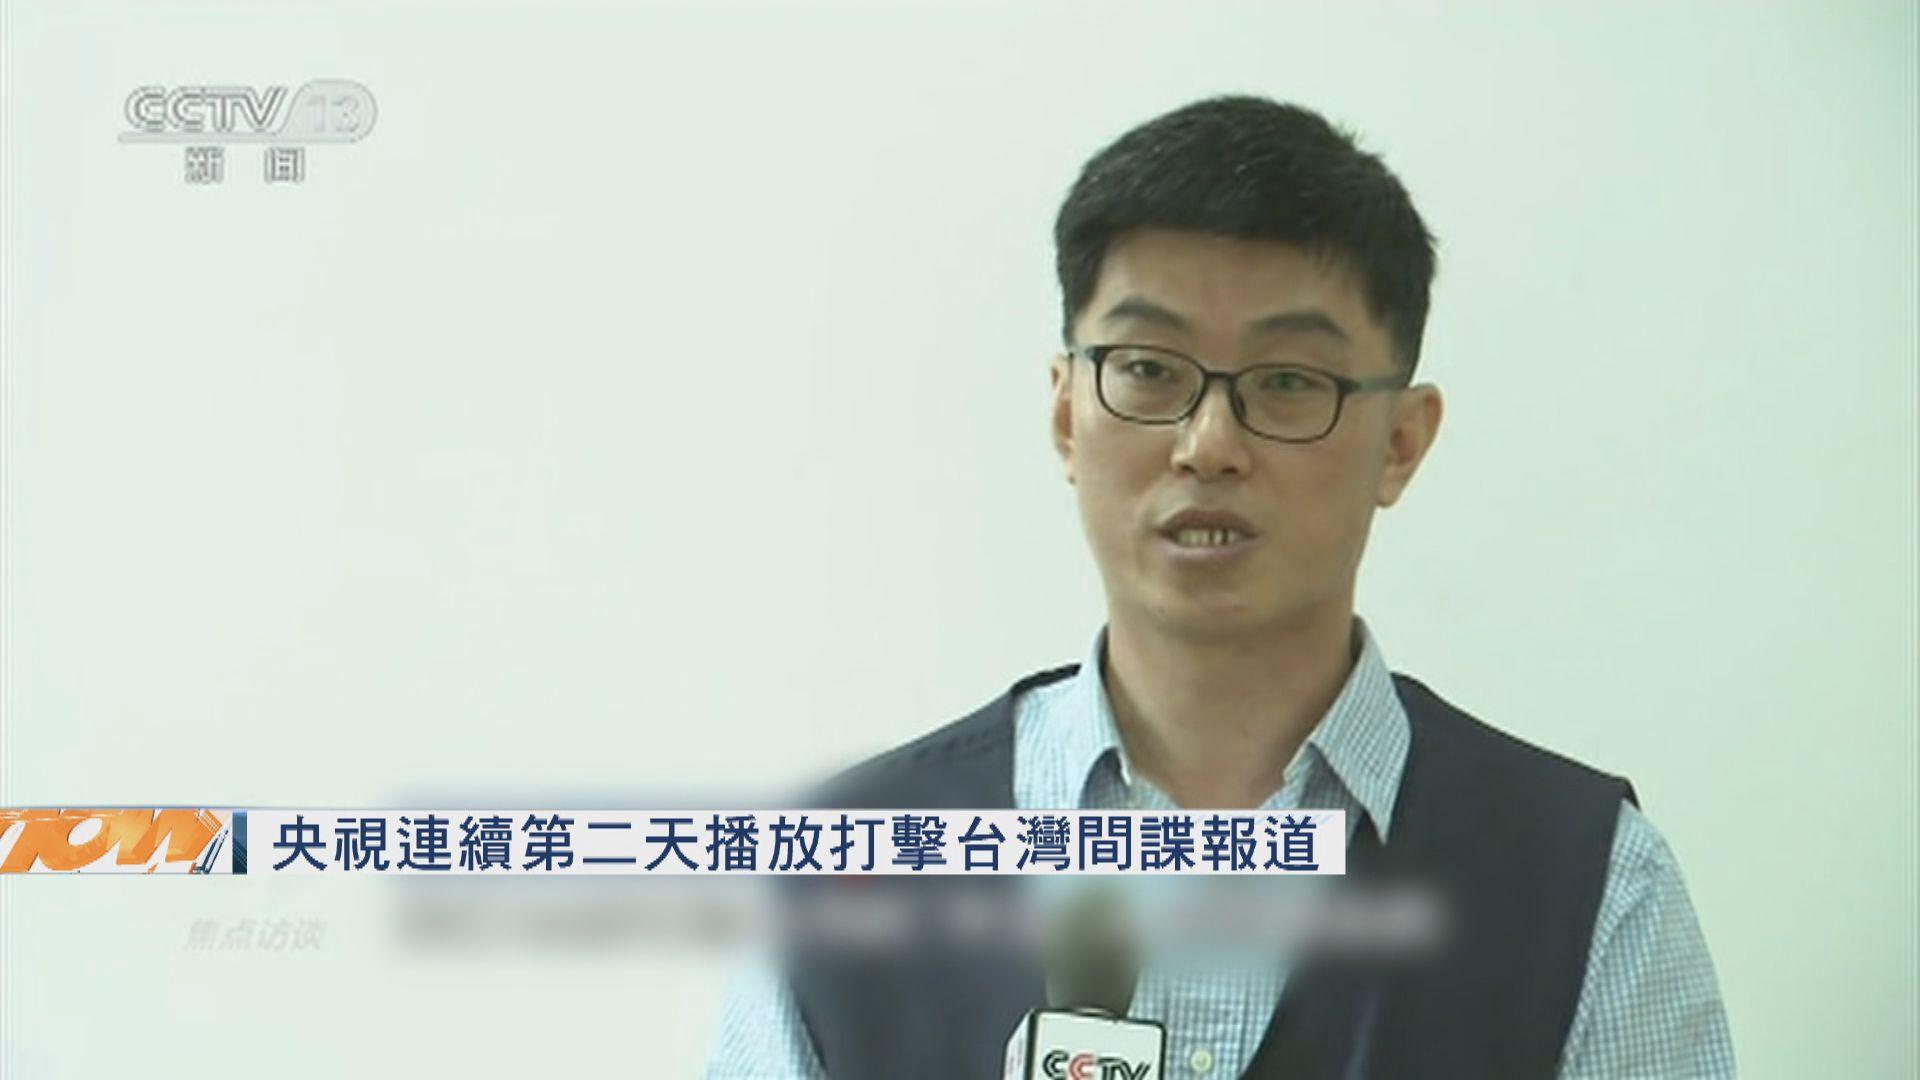 央視連續第二天播放打擊台灣間諜報道